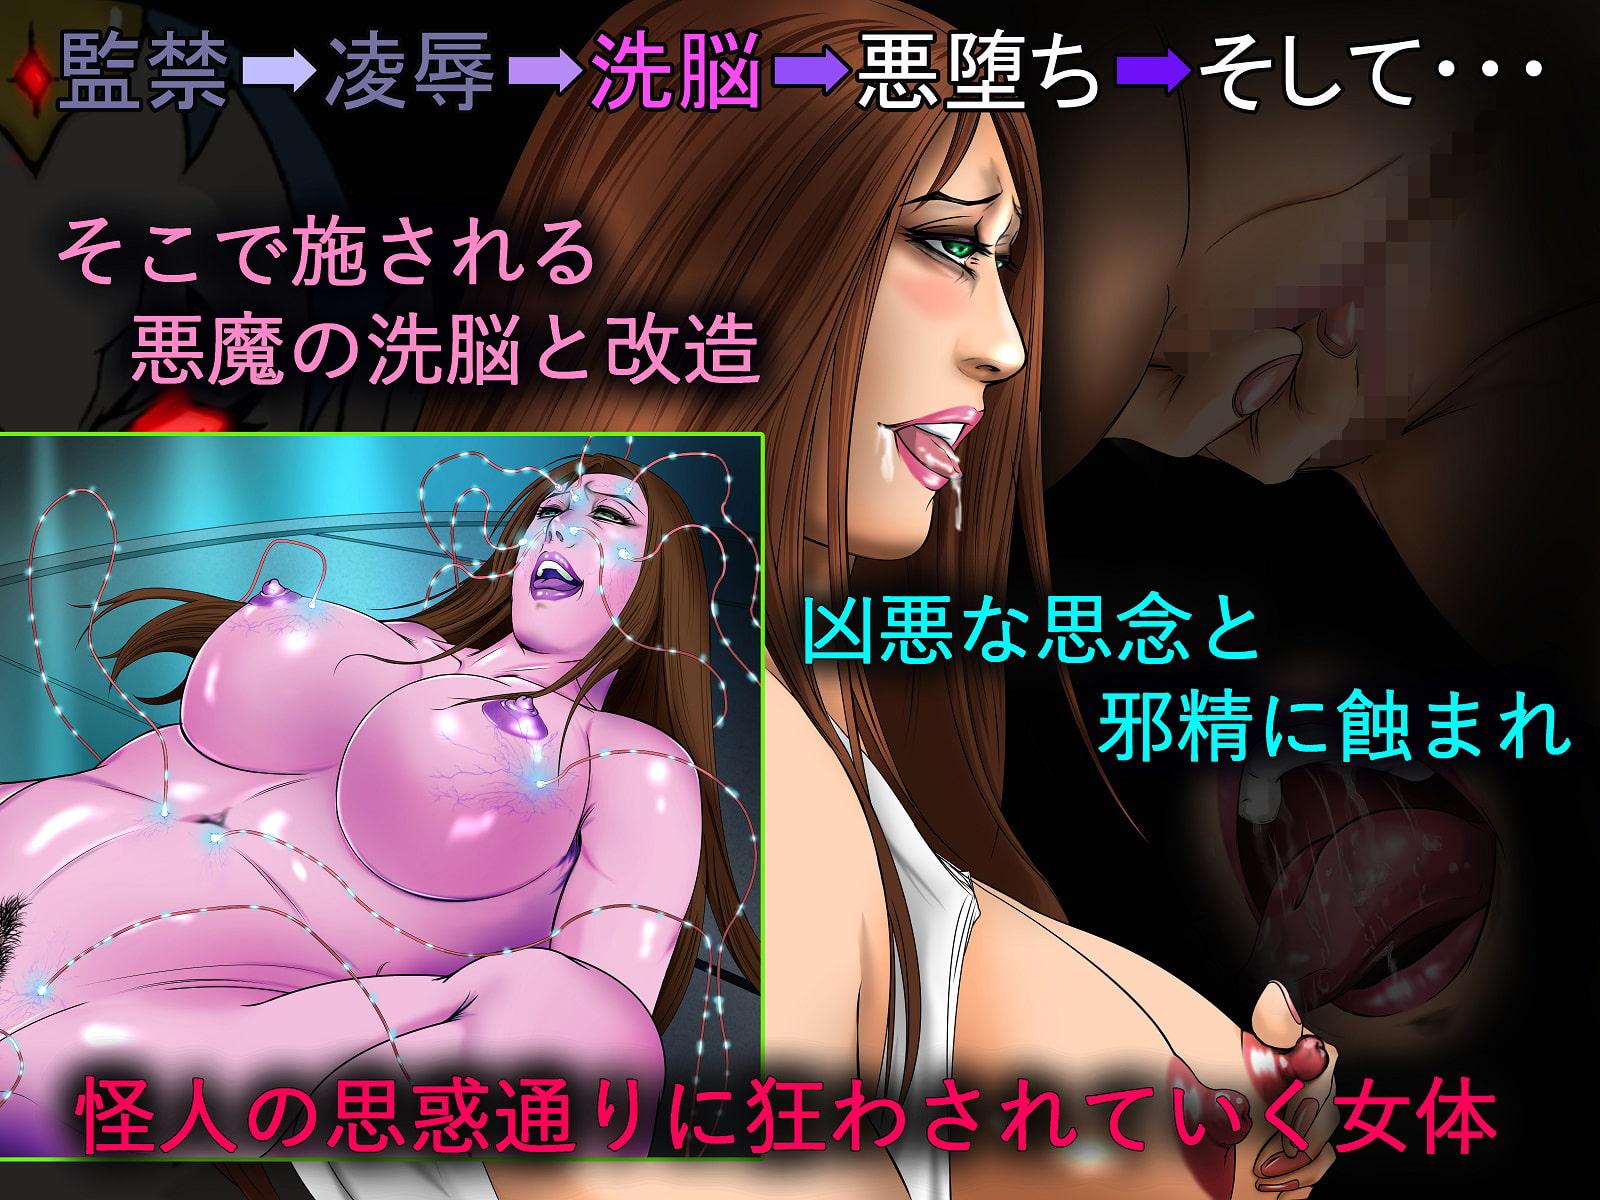 淫虐の檻 ~女教師 洗脳悪堕ち怪人化~